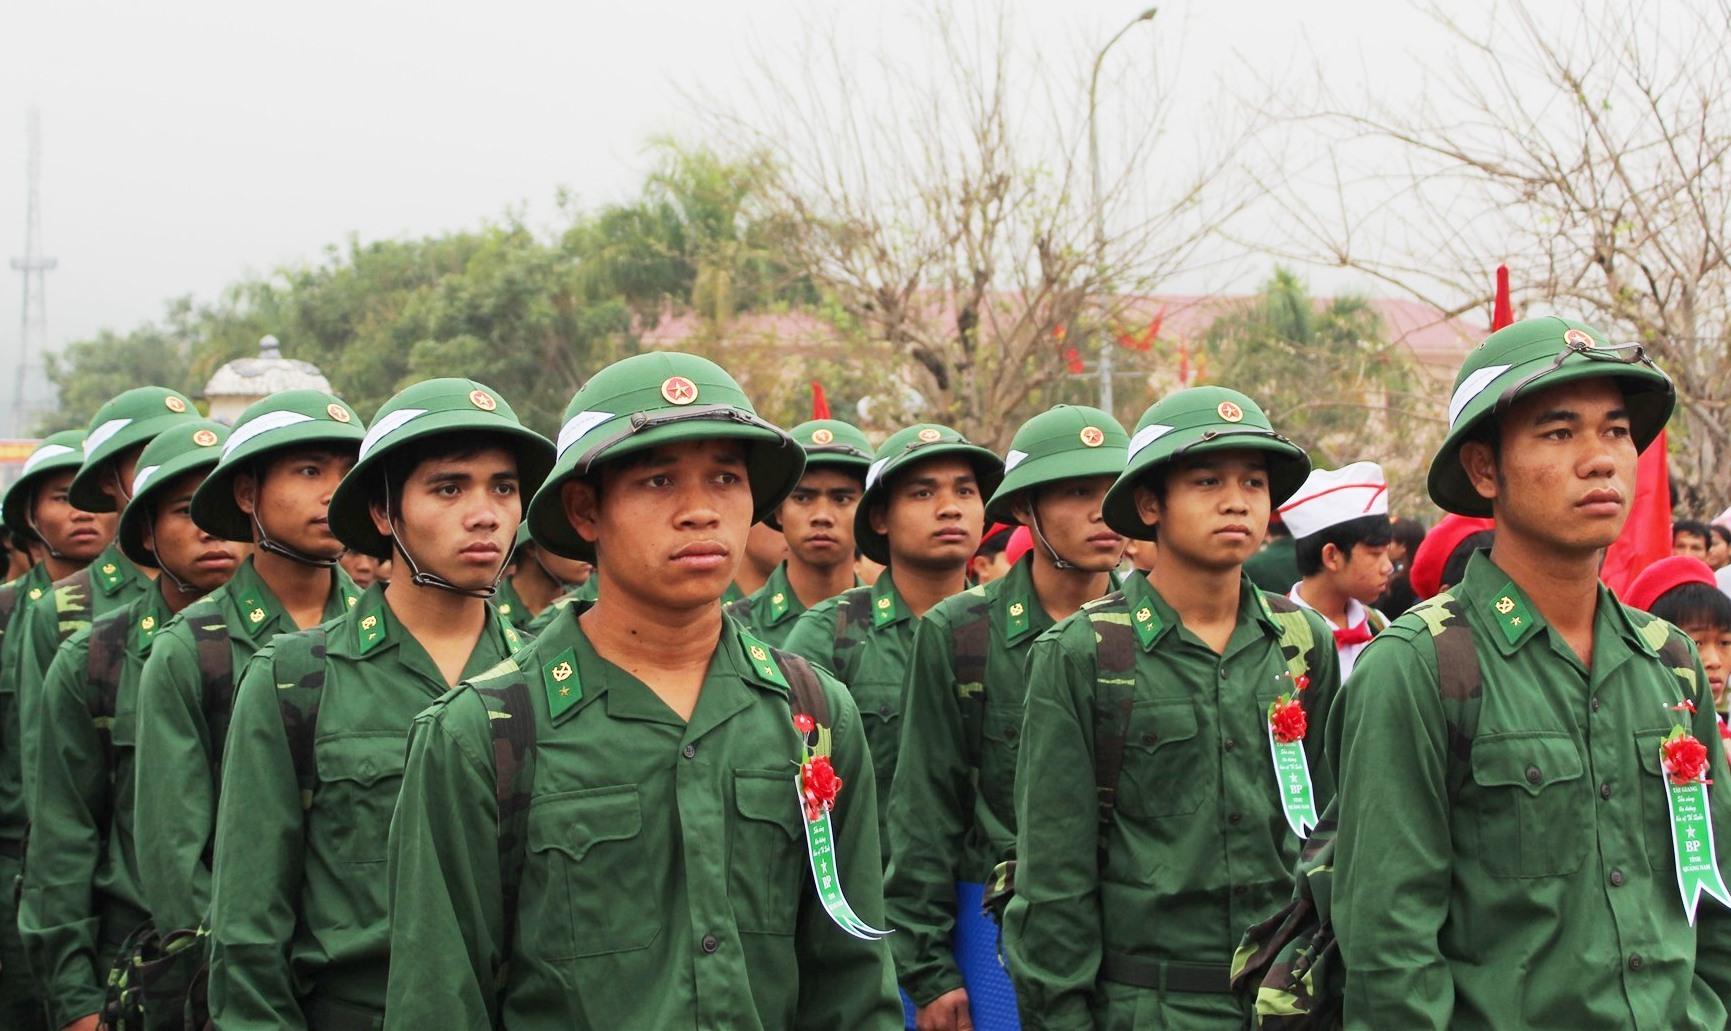 Thanh niên Tây Giang lên đường nhập ngũ trong đợt tuyển quân năm 2020. Ảnh: Đ.H